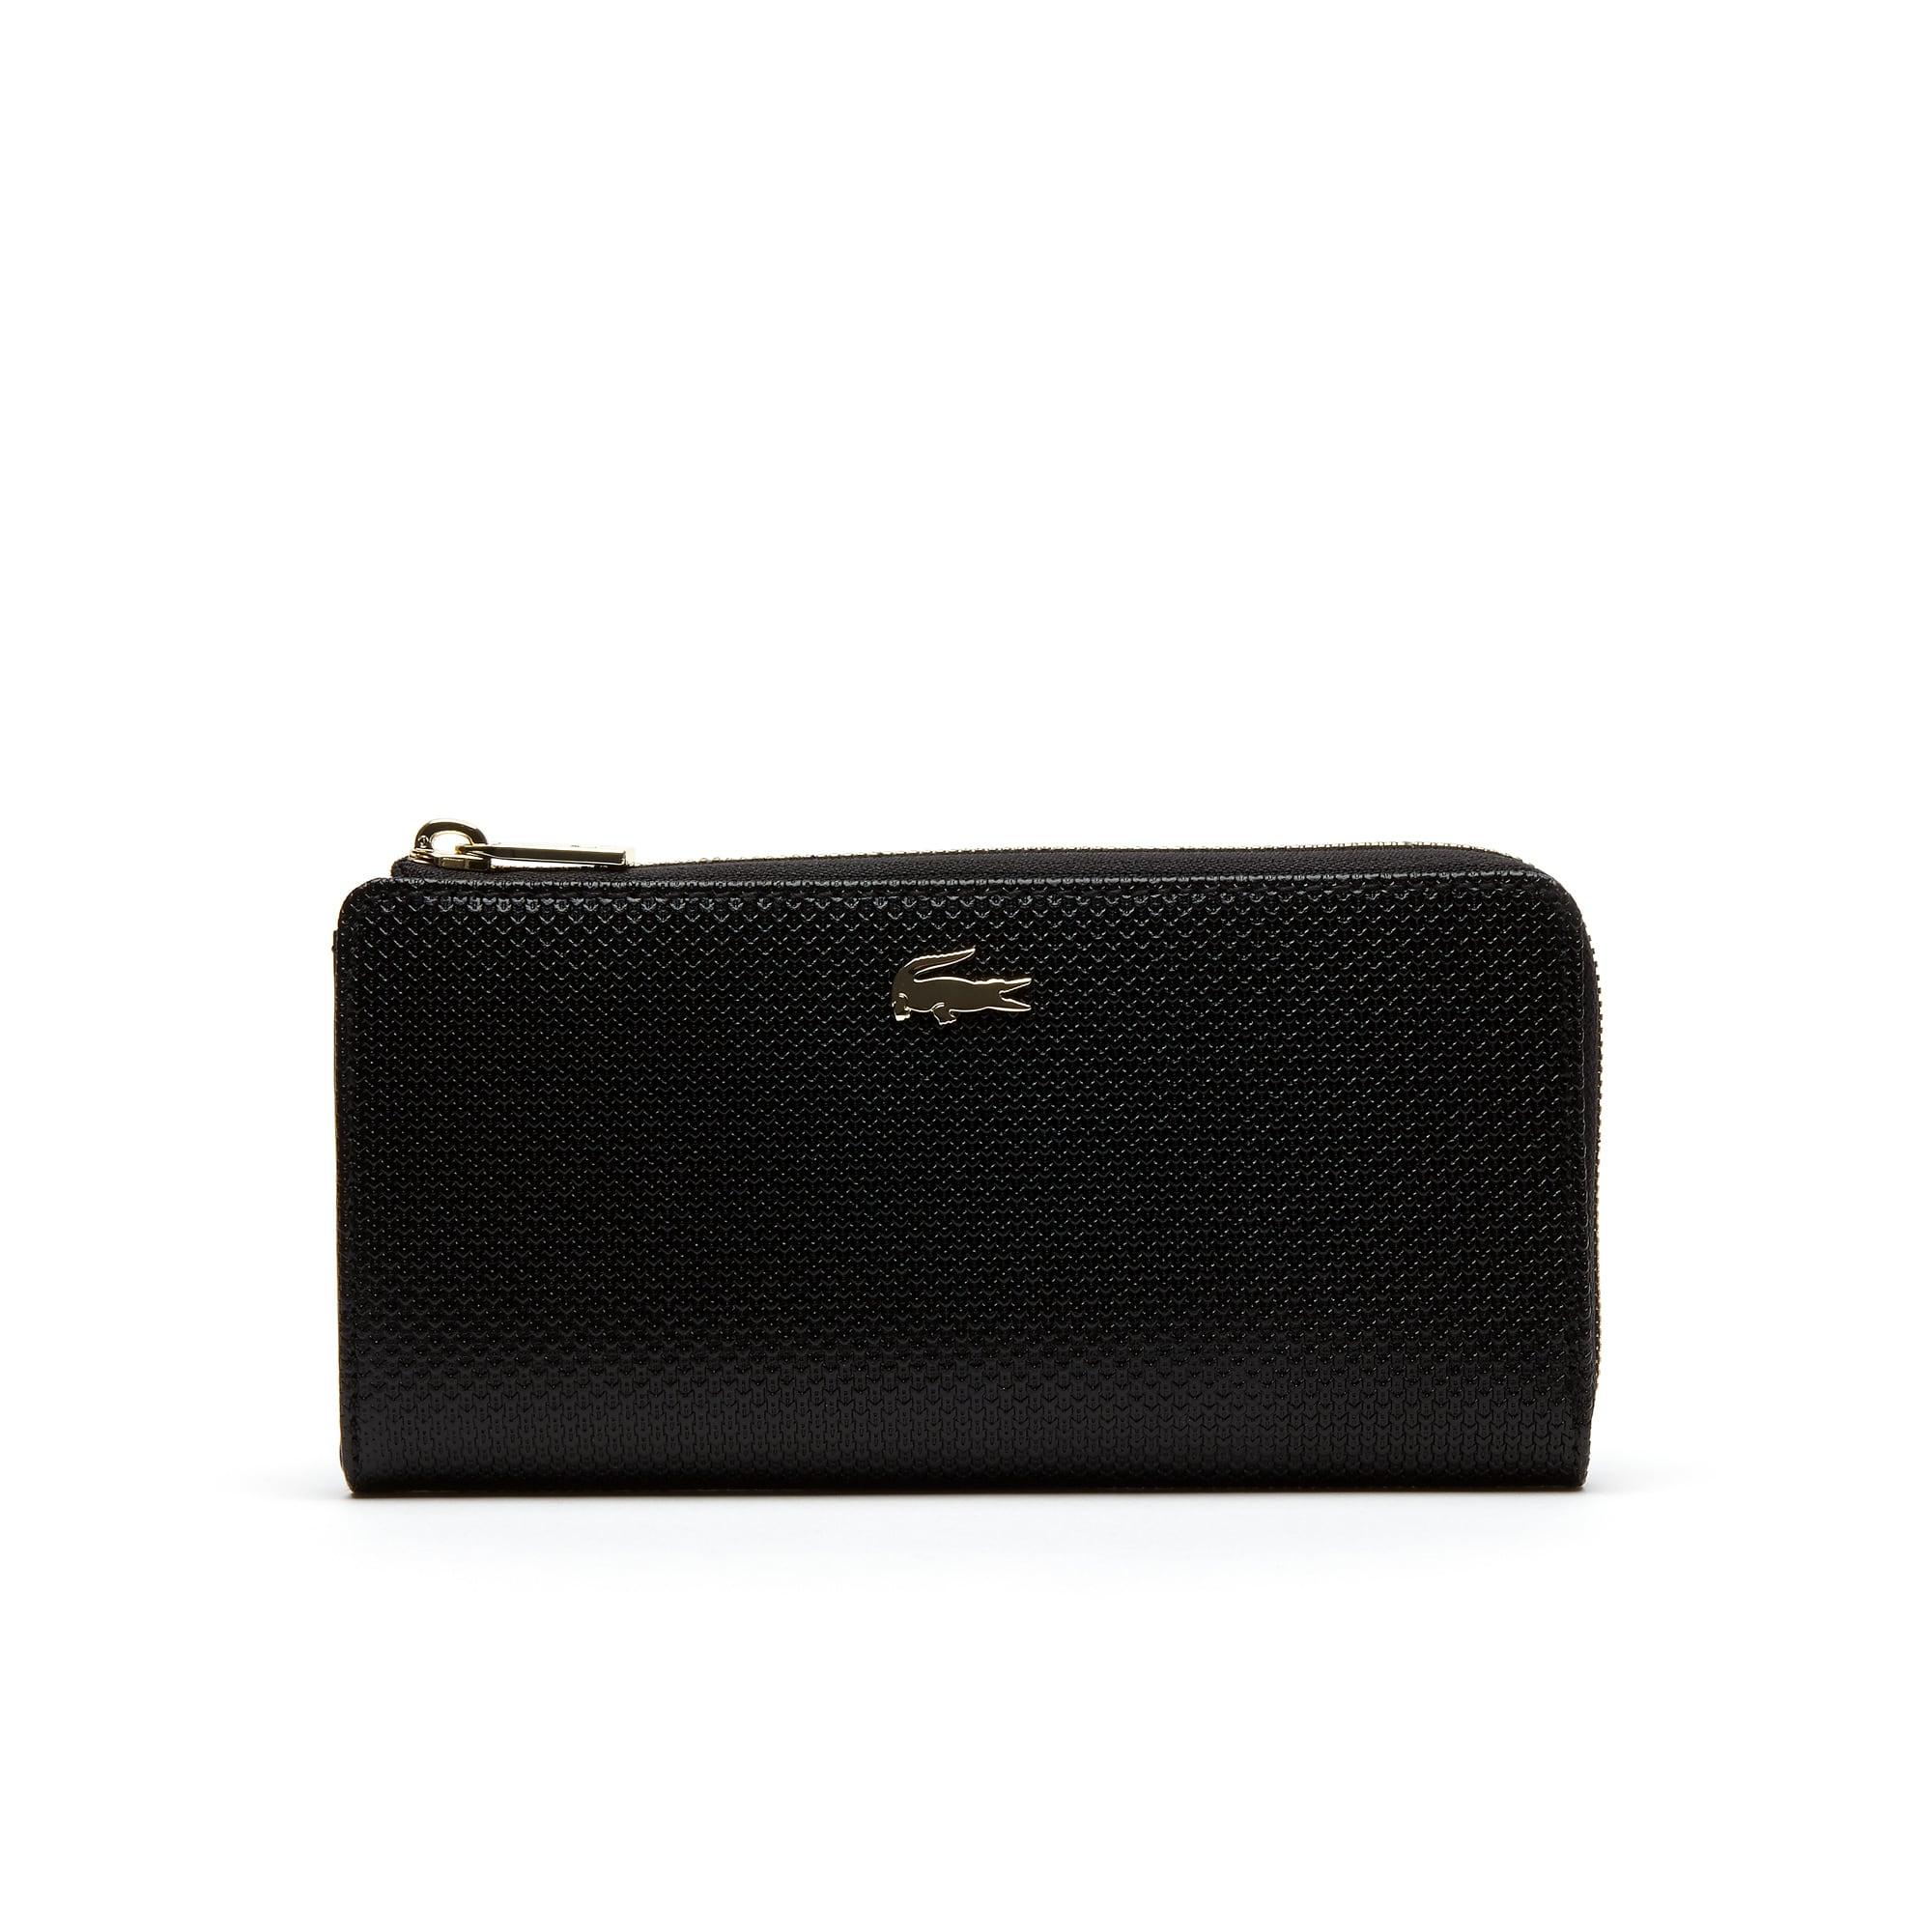 女士CHANTACO系列时尚纯色长款钱包